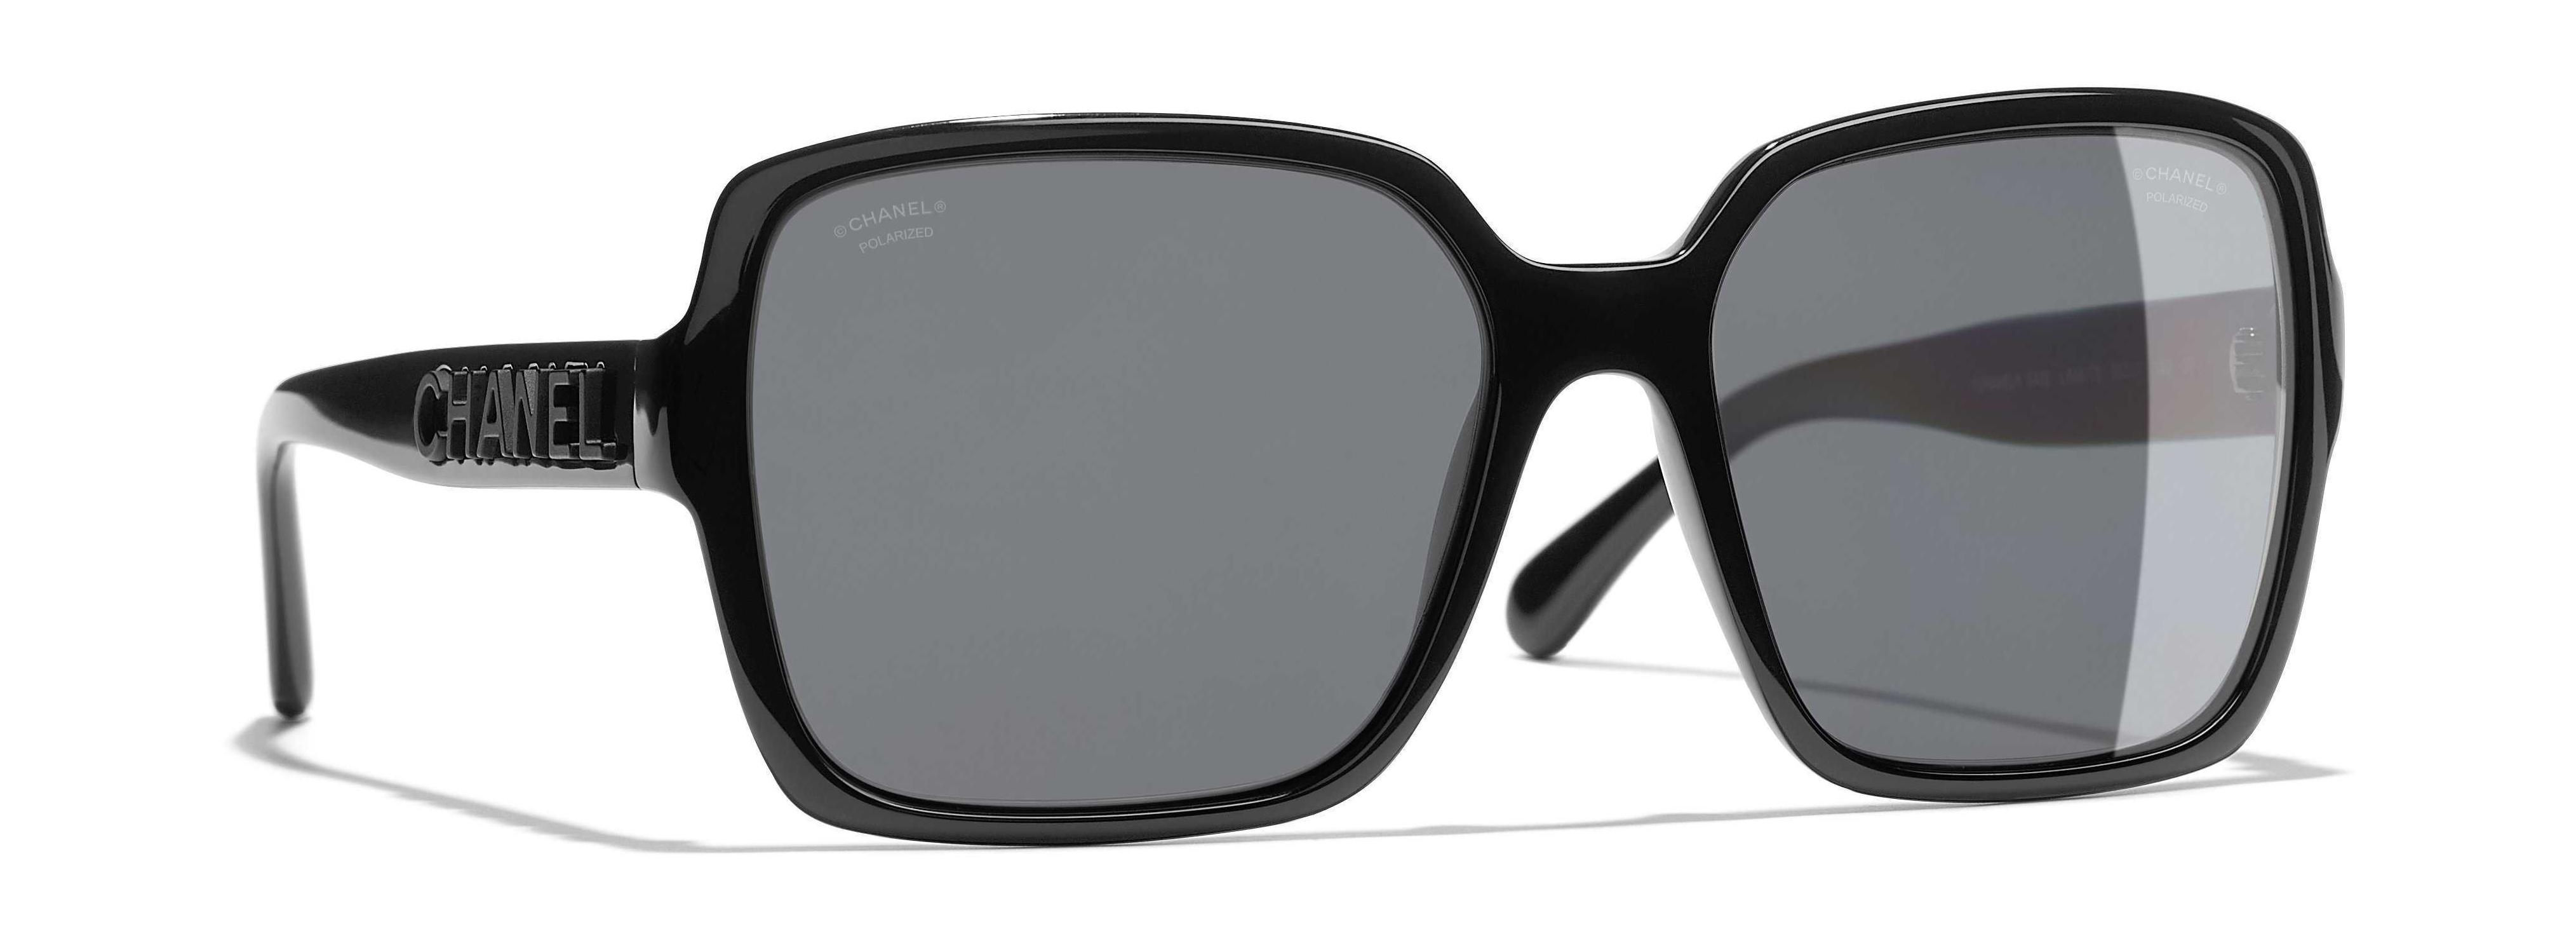 Sunglasses CHANEL CH 5408 C888T8 56/17